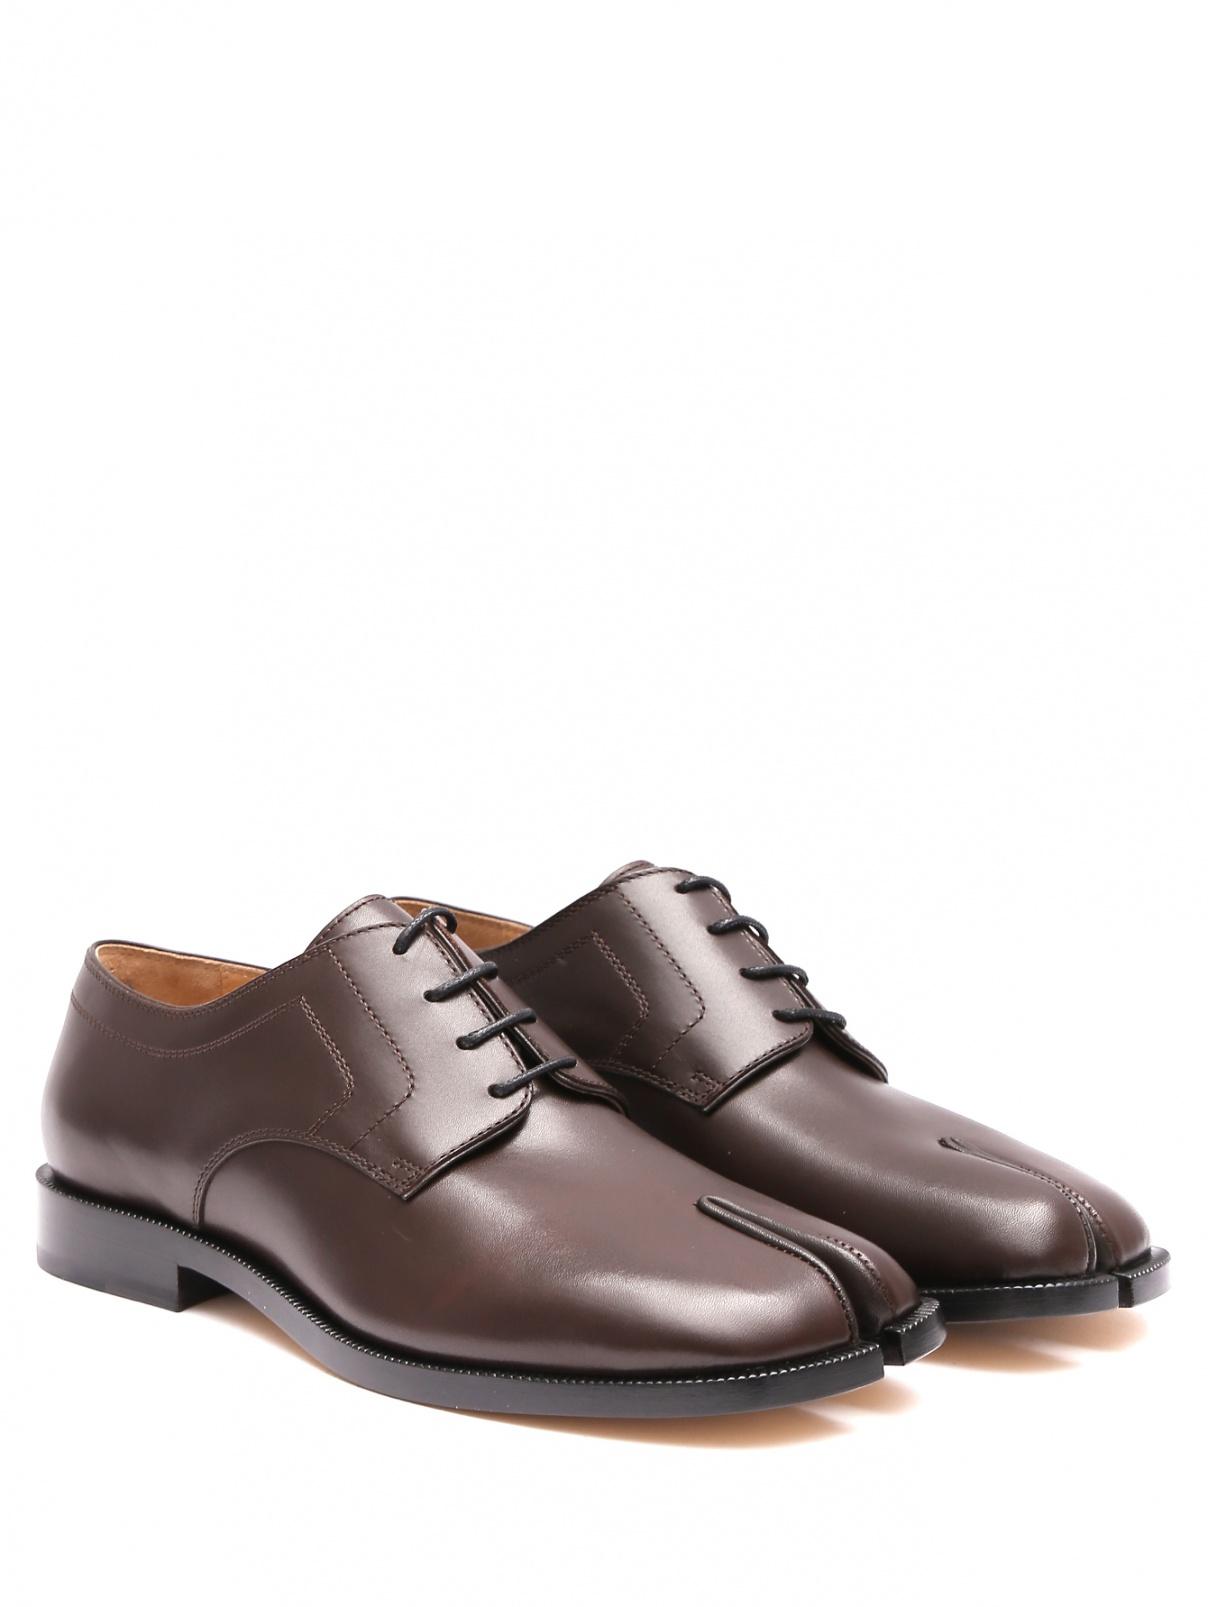 Ботинки Tabi из гладкой кожи на небольшом каблуке Maison Margiela  –  Общий вид